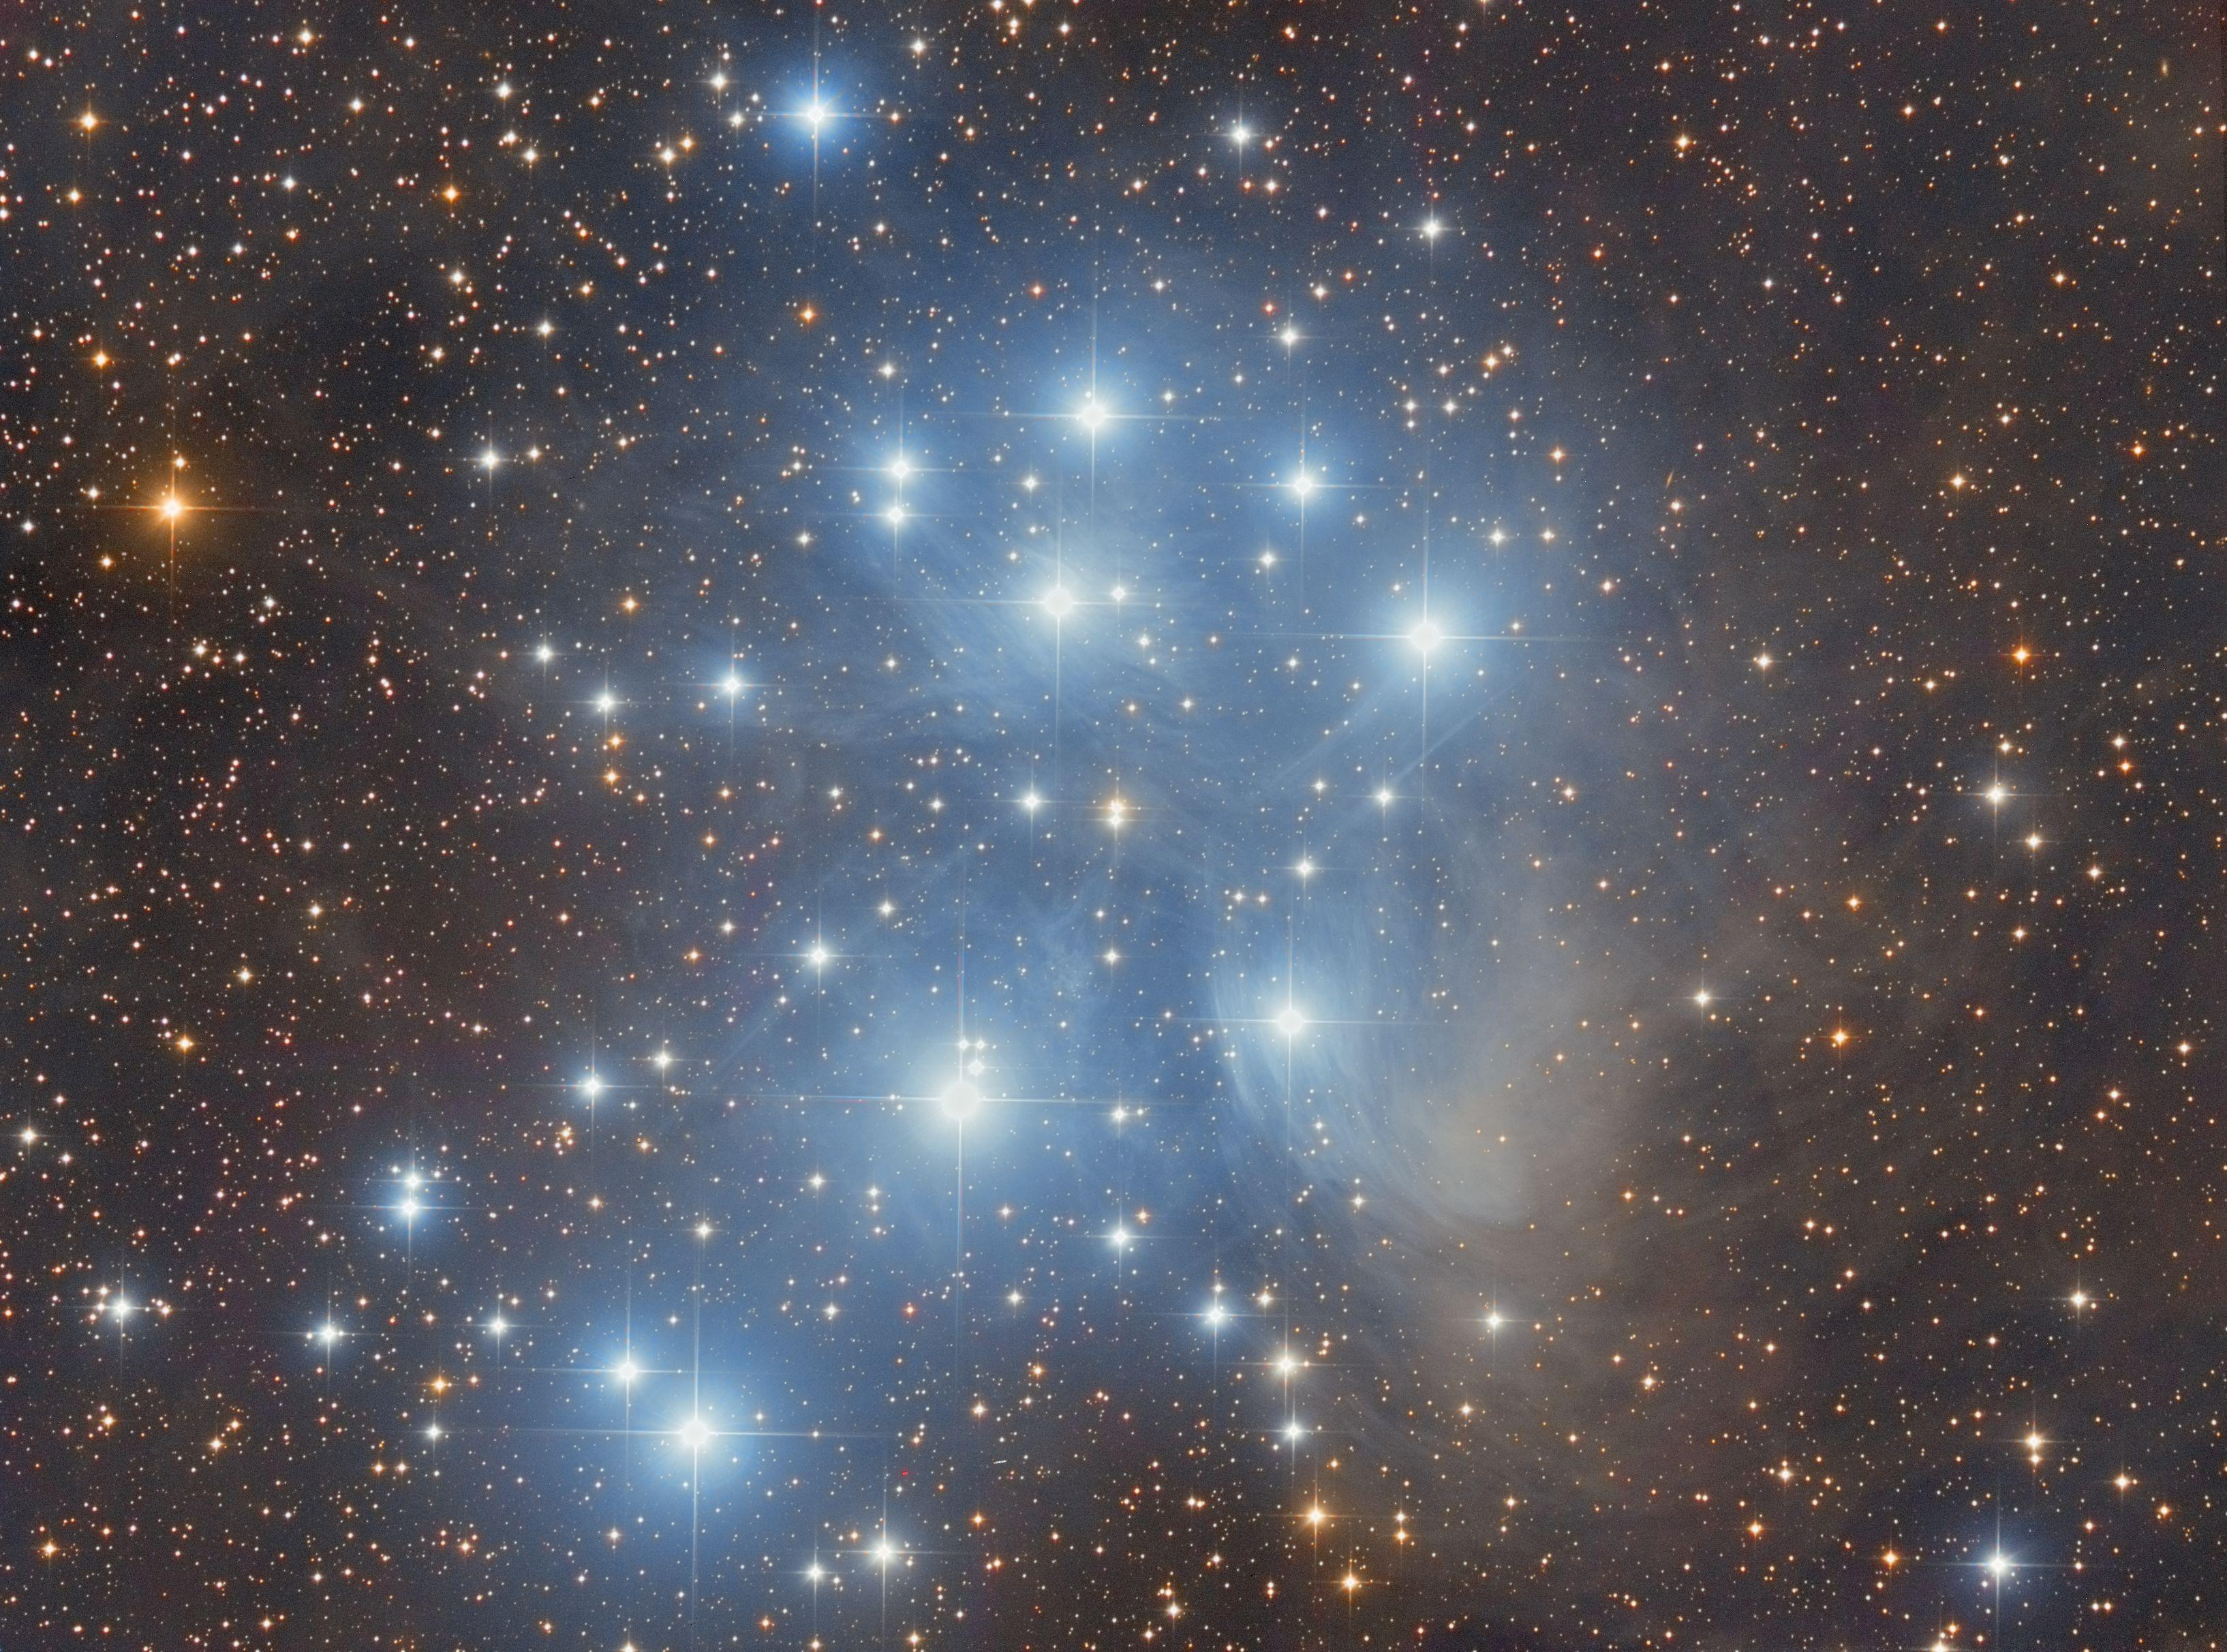 The Pleiades (M45) + asteroid 838 Seraphina - Astronomy